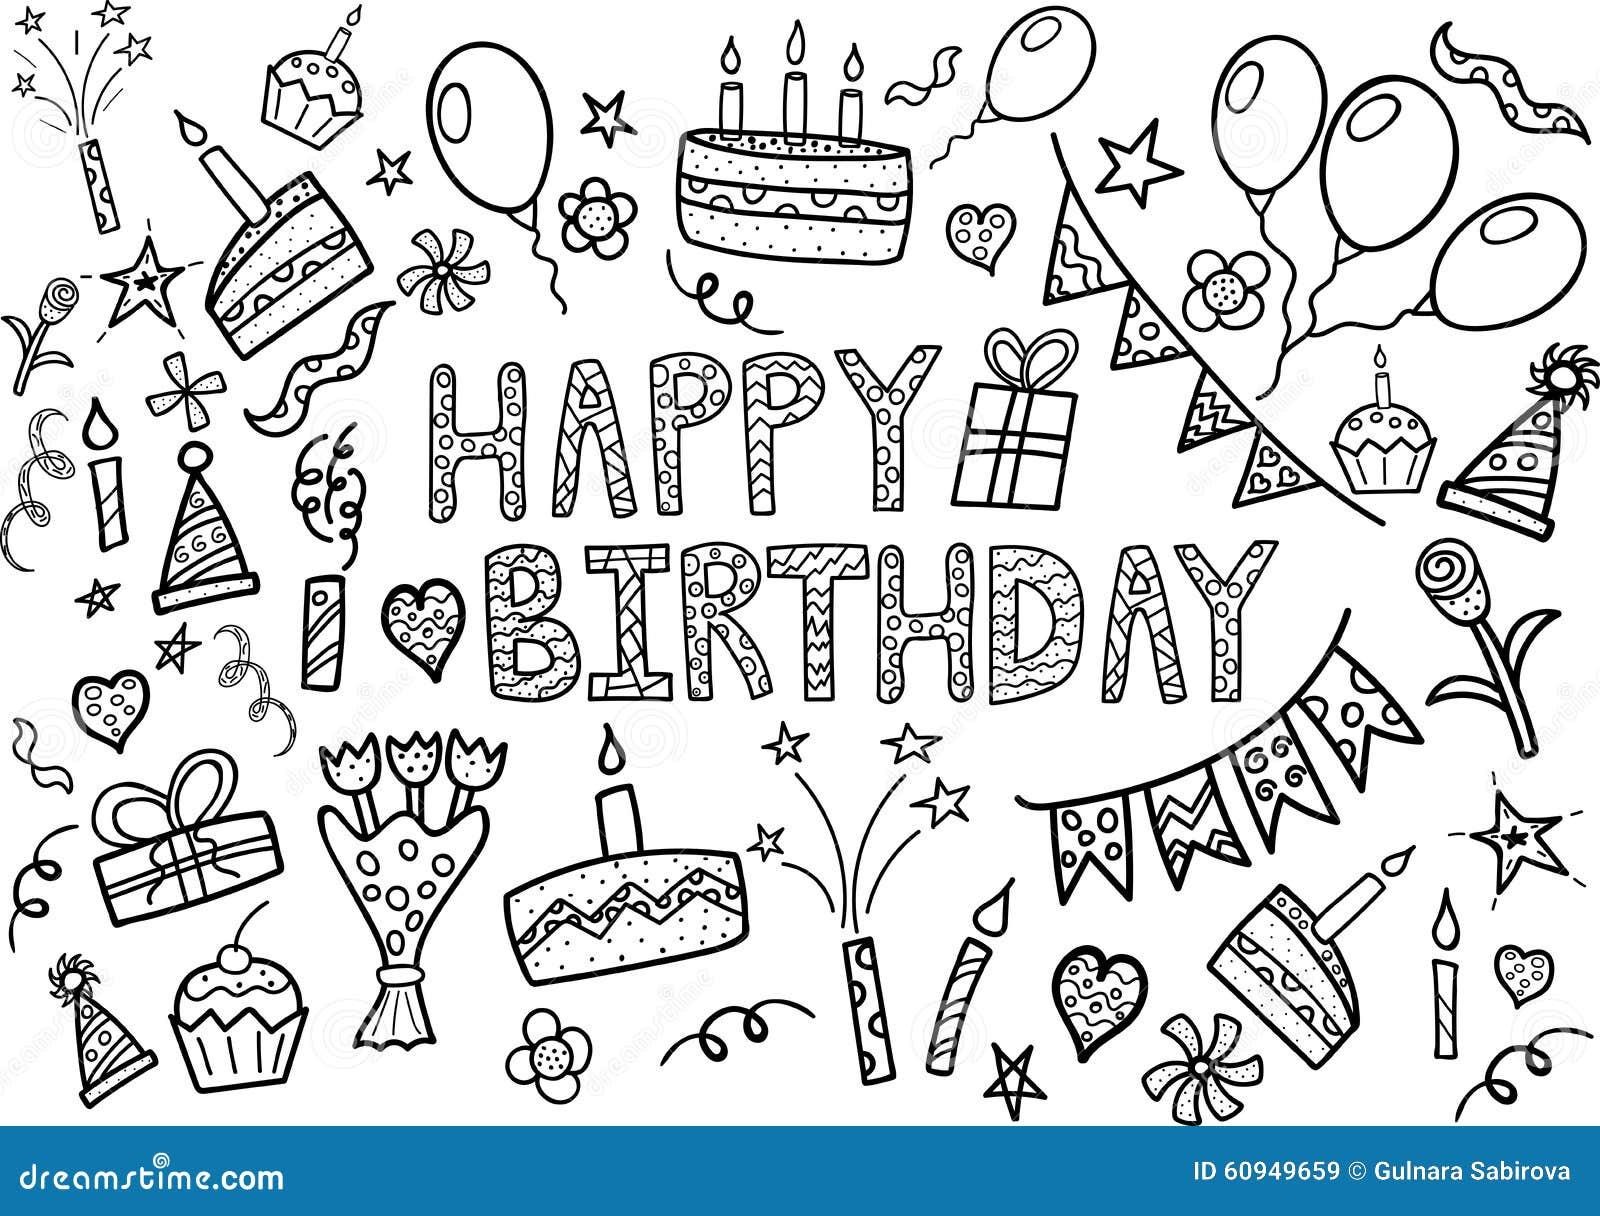 Черно-белые открытки с днем рождения для распечатки 98